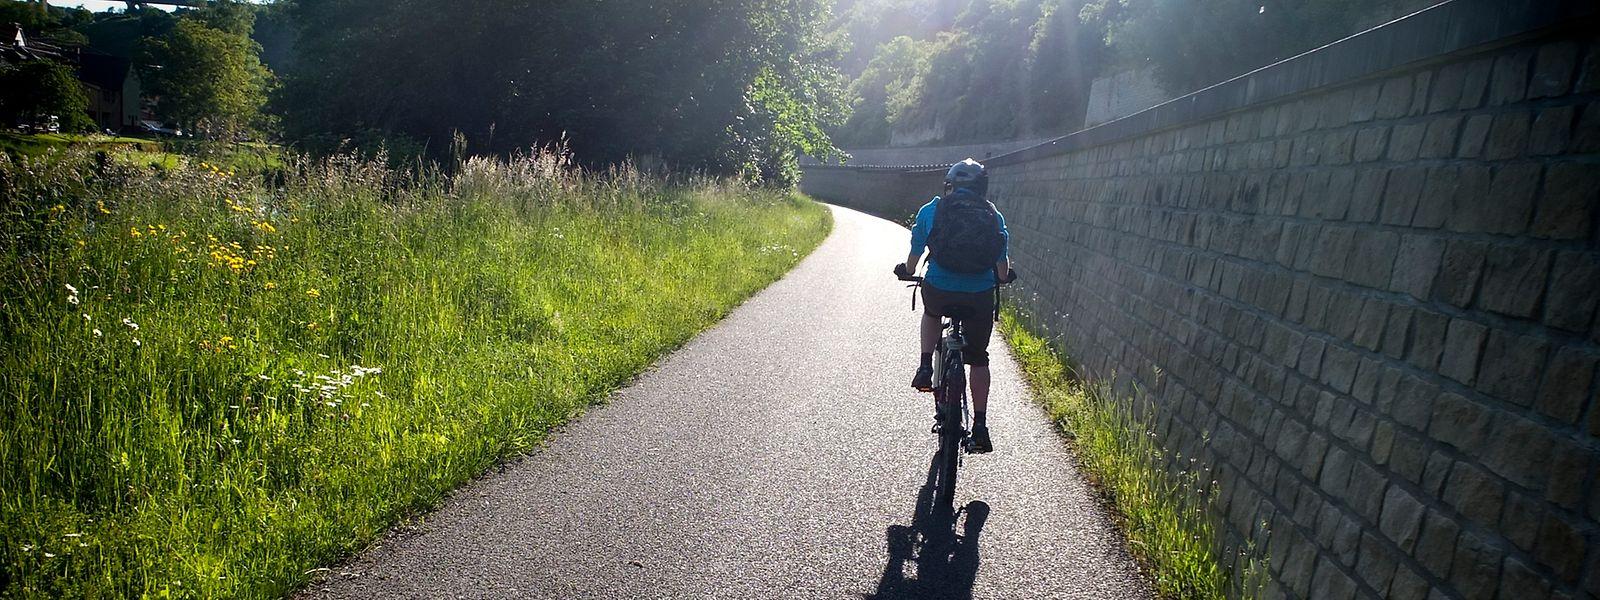 Bei gutem Wetter bietet sich ein Ausflug mit dem Fahrrad an.